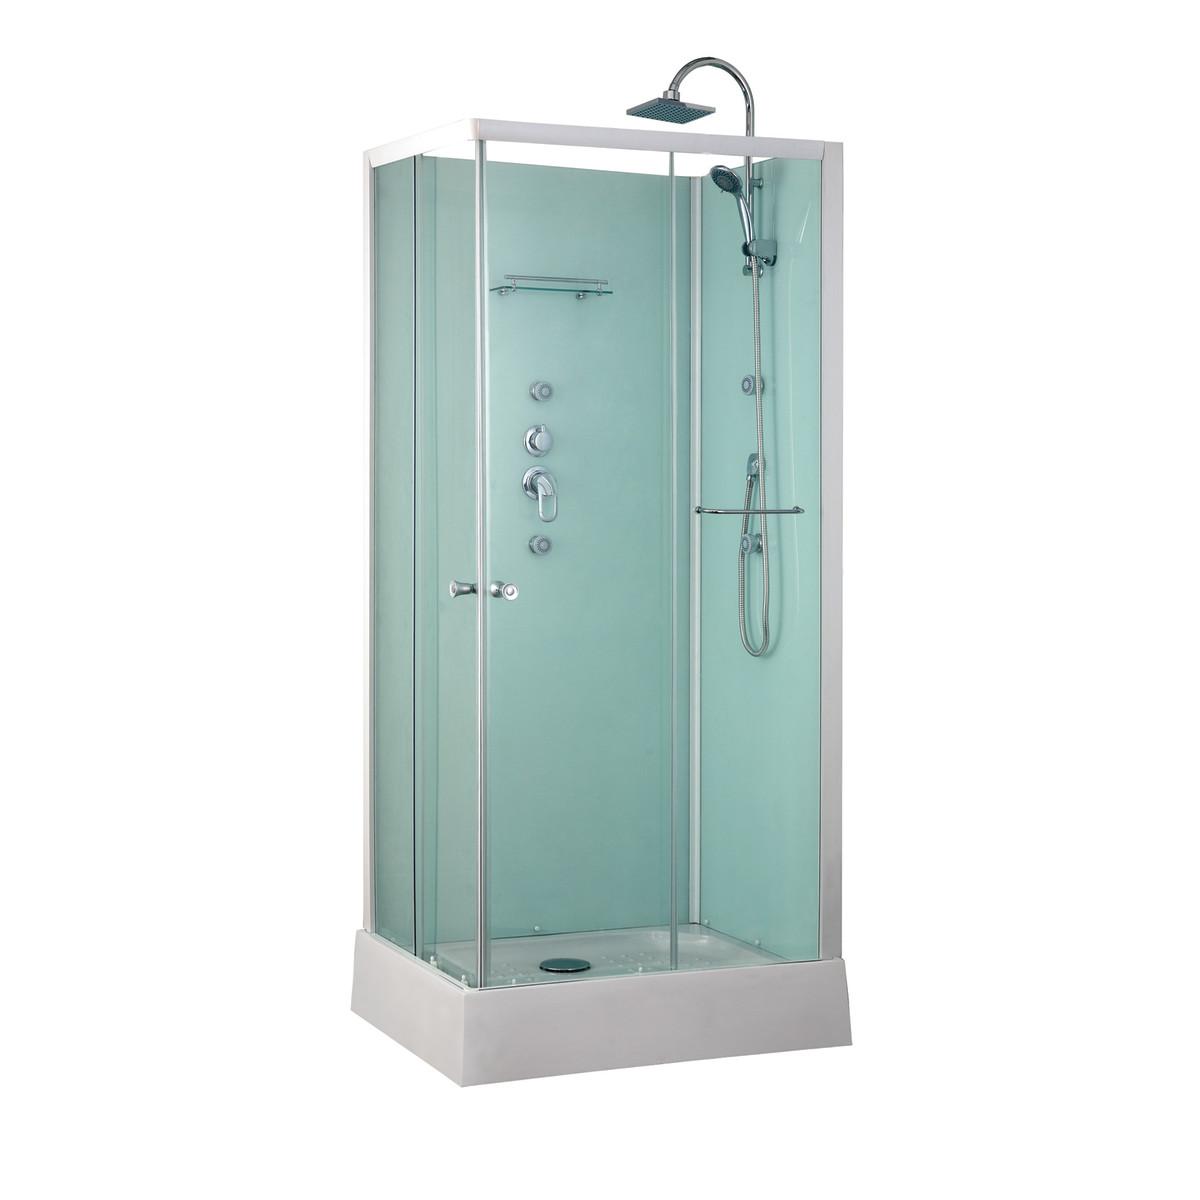 Eminza idromassaggio intex 4 persone prezzo e offerte for Box doccia 70 x 70 leroy merlin